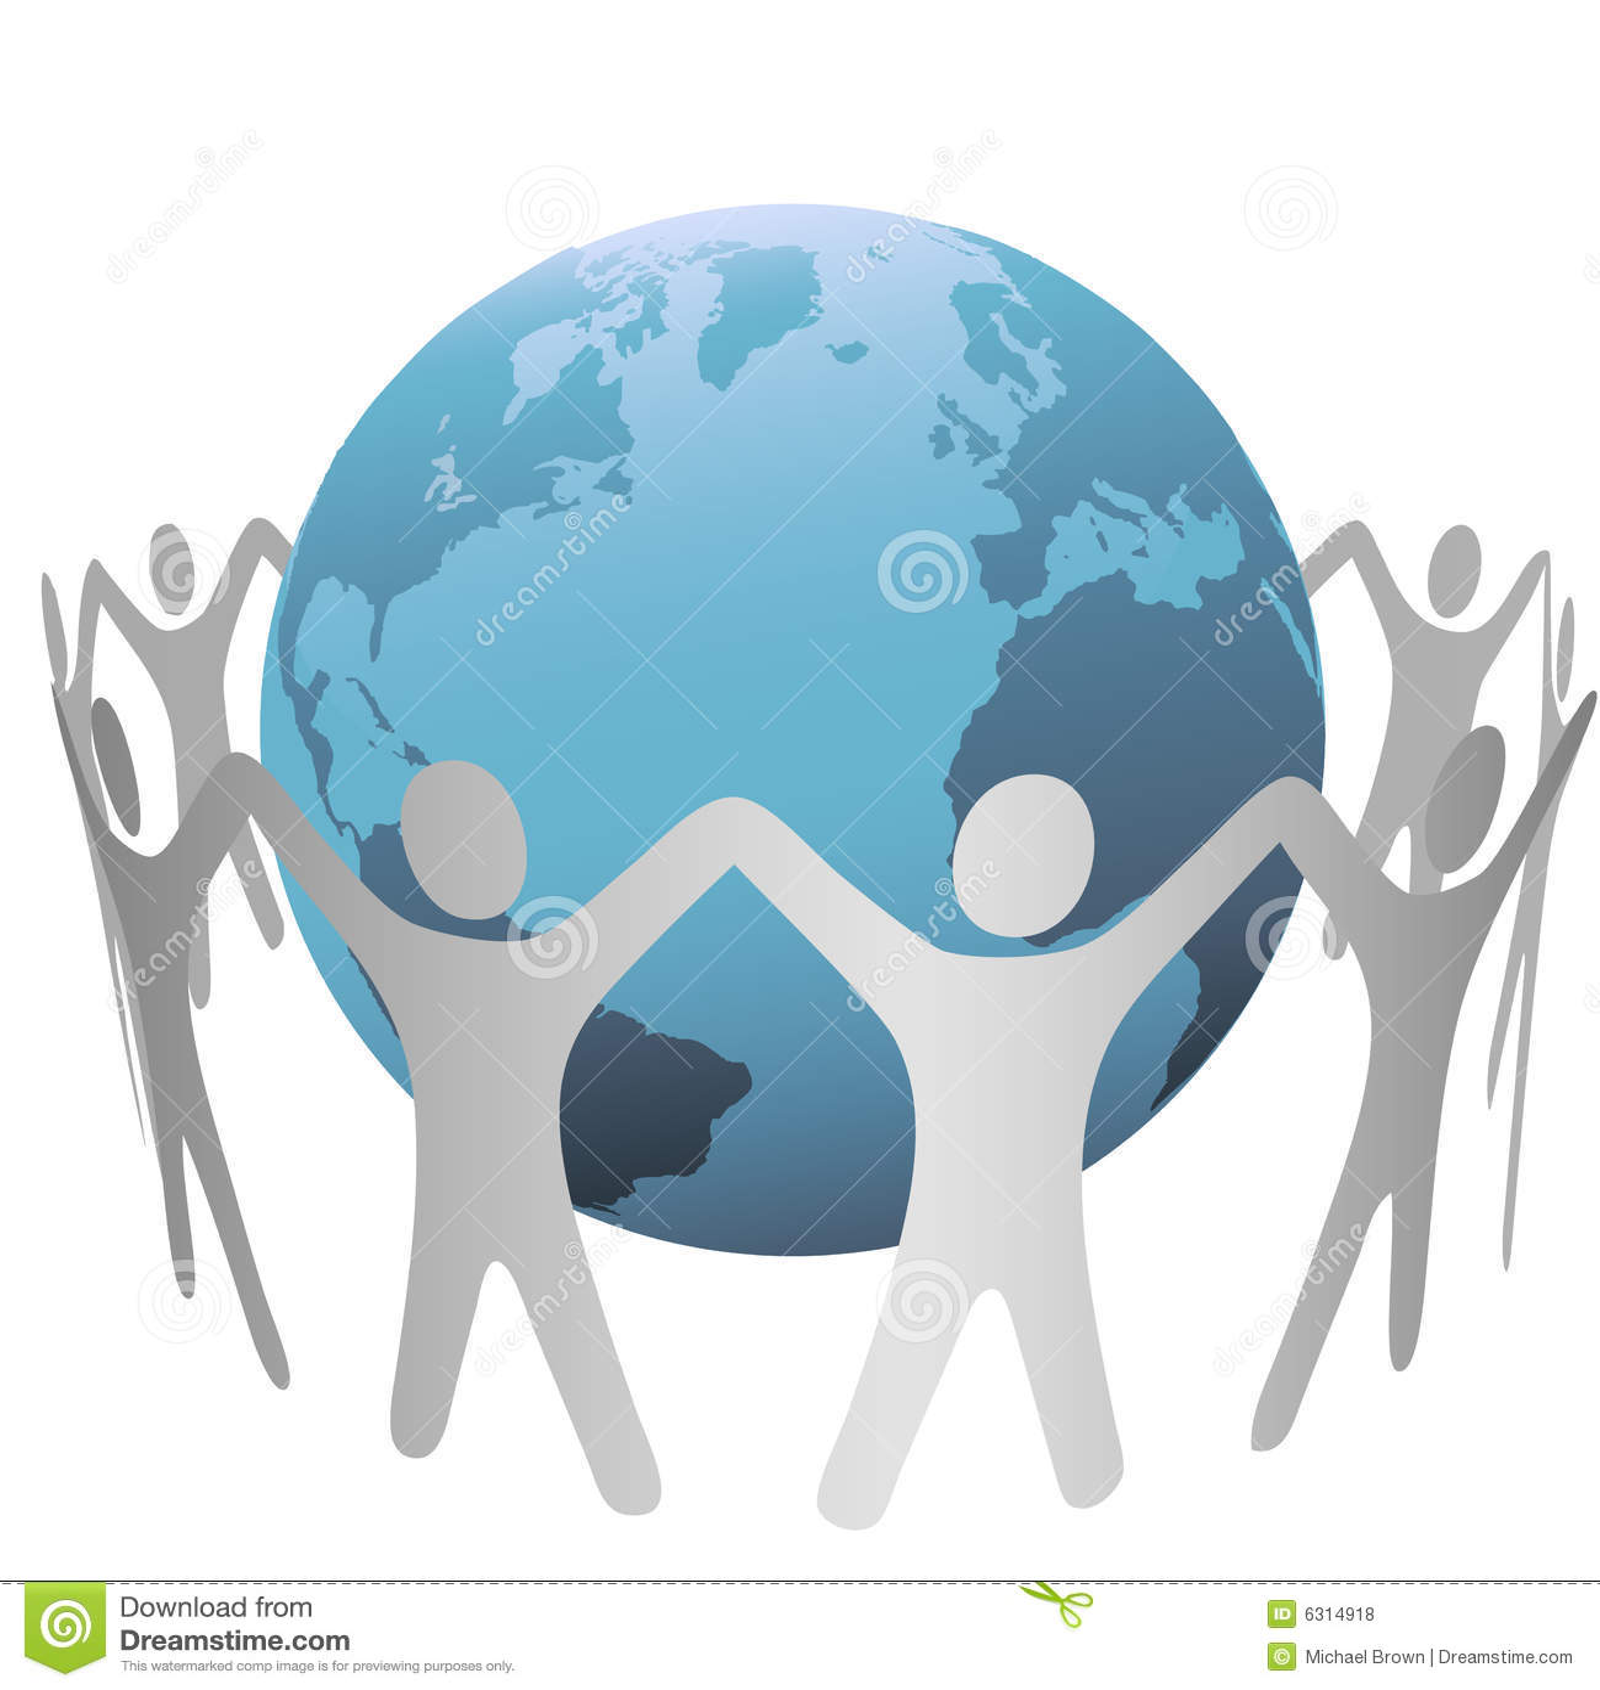 Frunce del círculo de la gente alrededor de la tierra